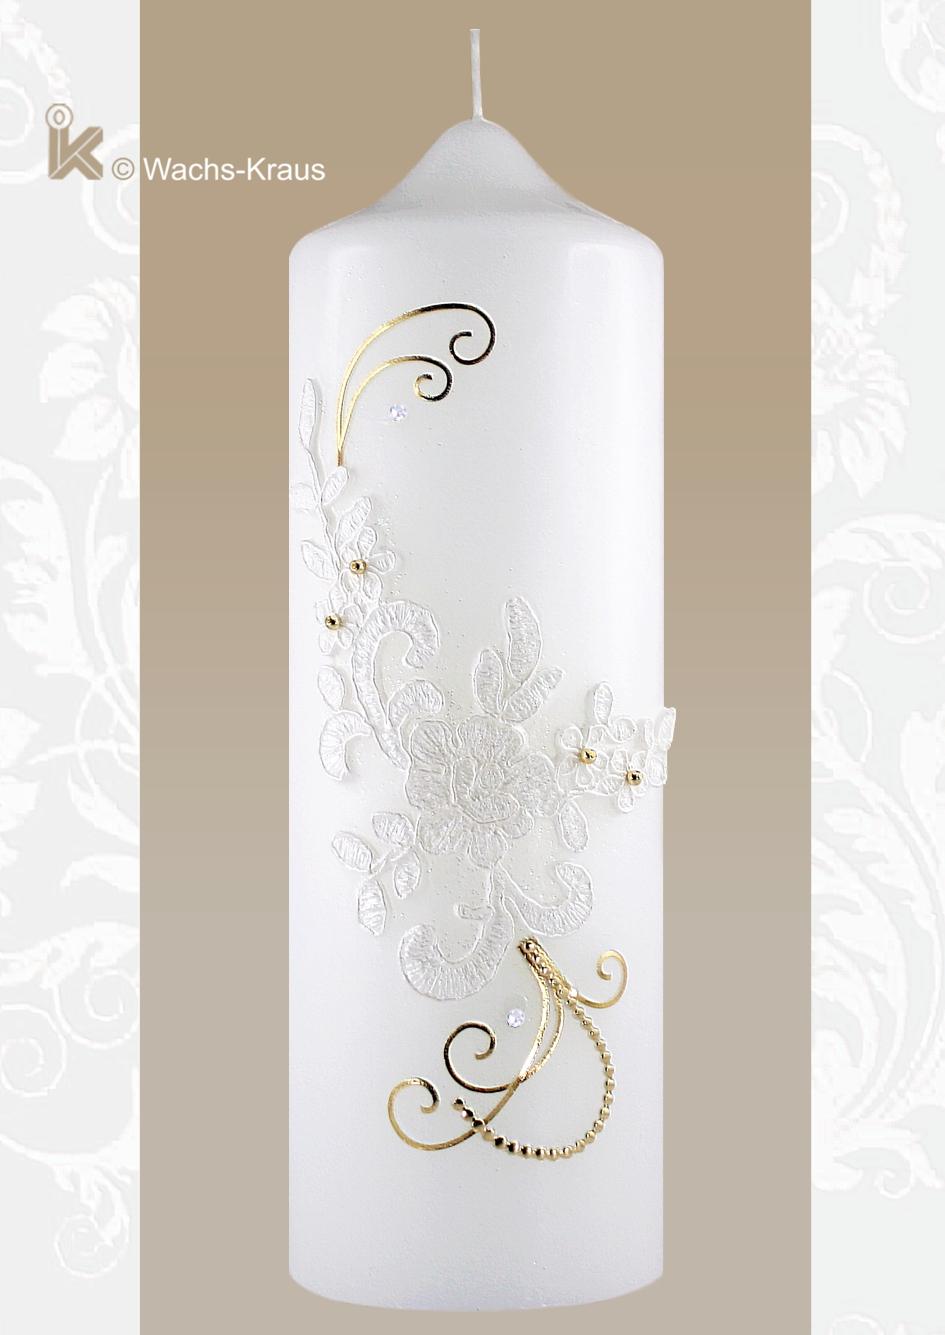 Die dezente Farbkombination von weißem, aus Wachs gegossenem, im Spitzen-Style gehaltenen Ornament und feinen Goldfäden passt zu jedem Brautkleid.